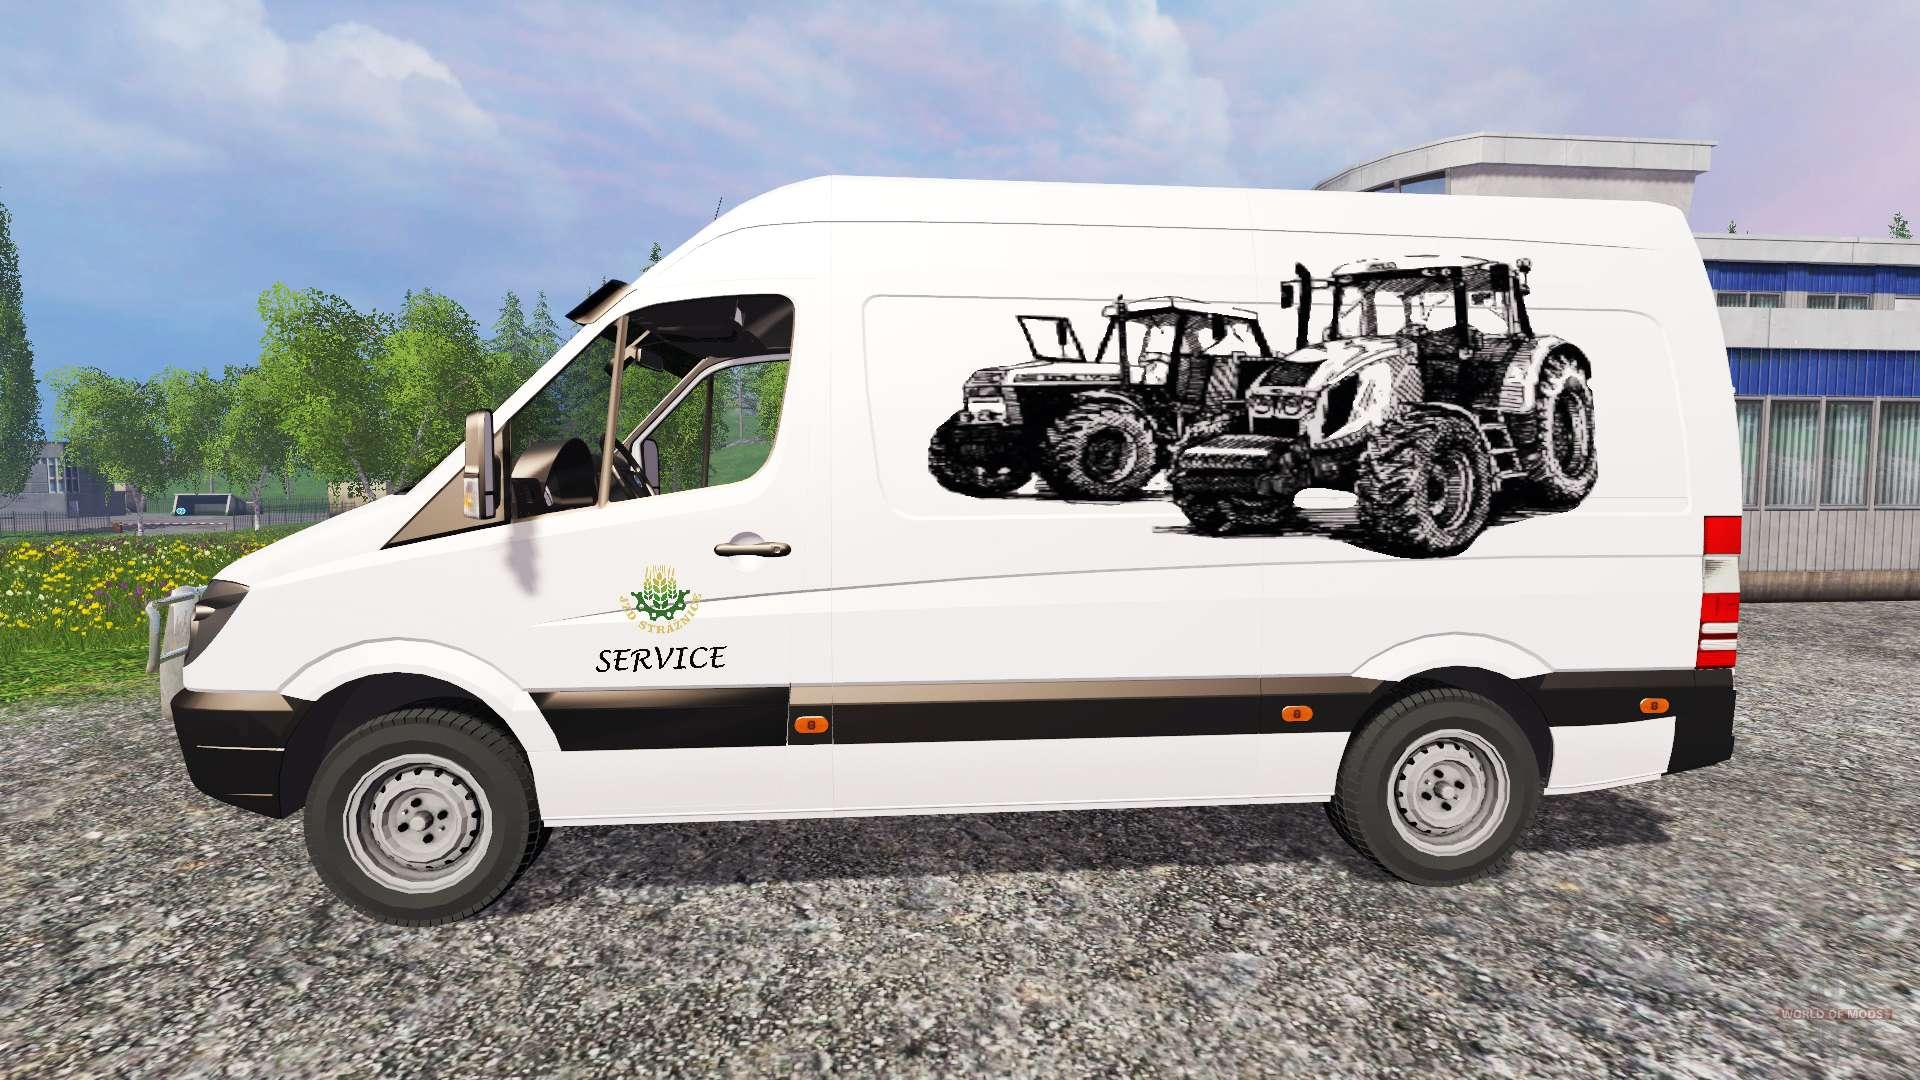 Mercedes benz sprinte service for farming simulator 2015 for Mercedes benz service f